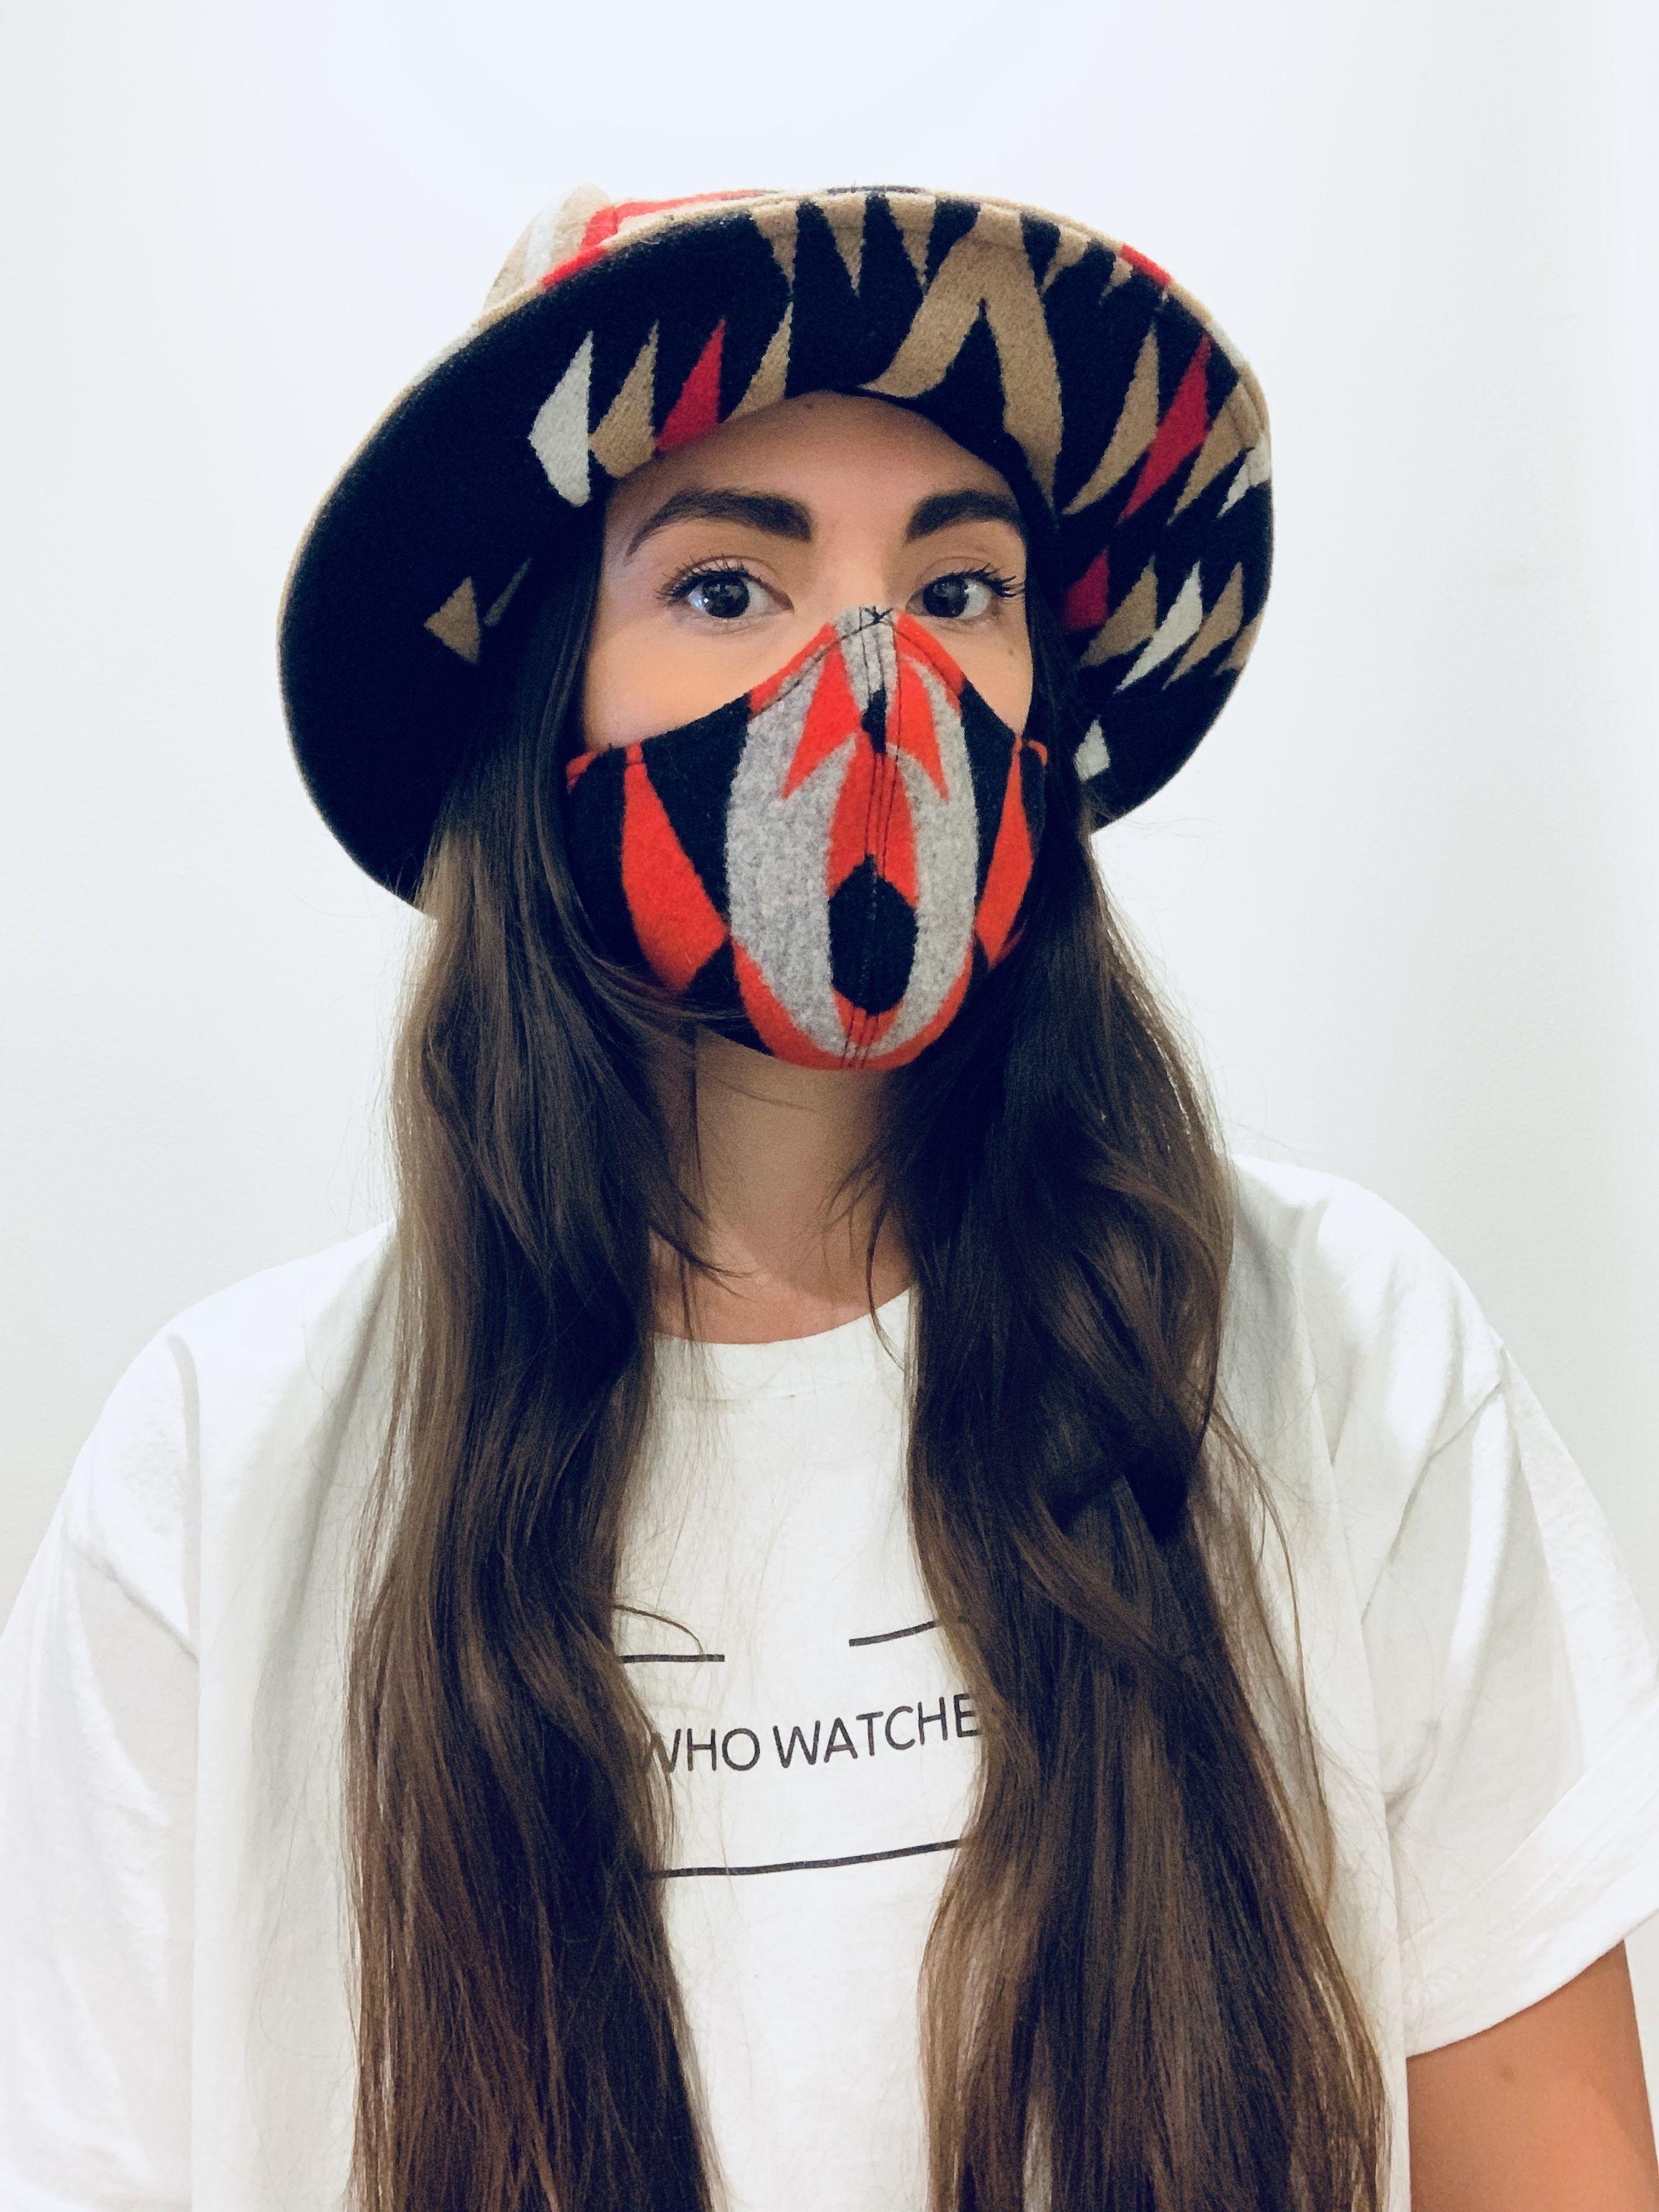 Indigenous Designer Korina Emmerich Uses Face Masks To Fight Injustice